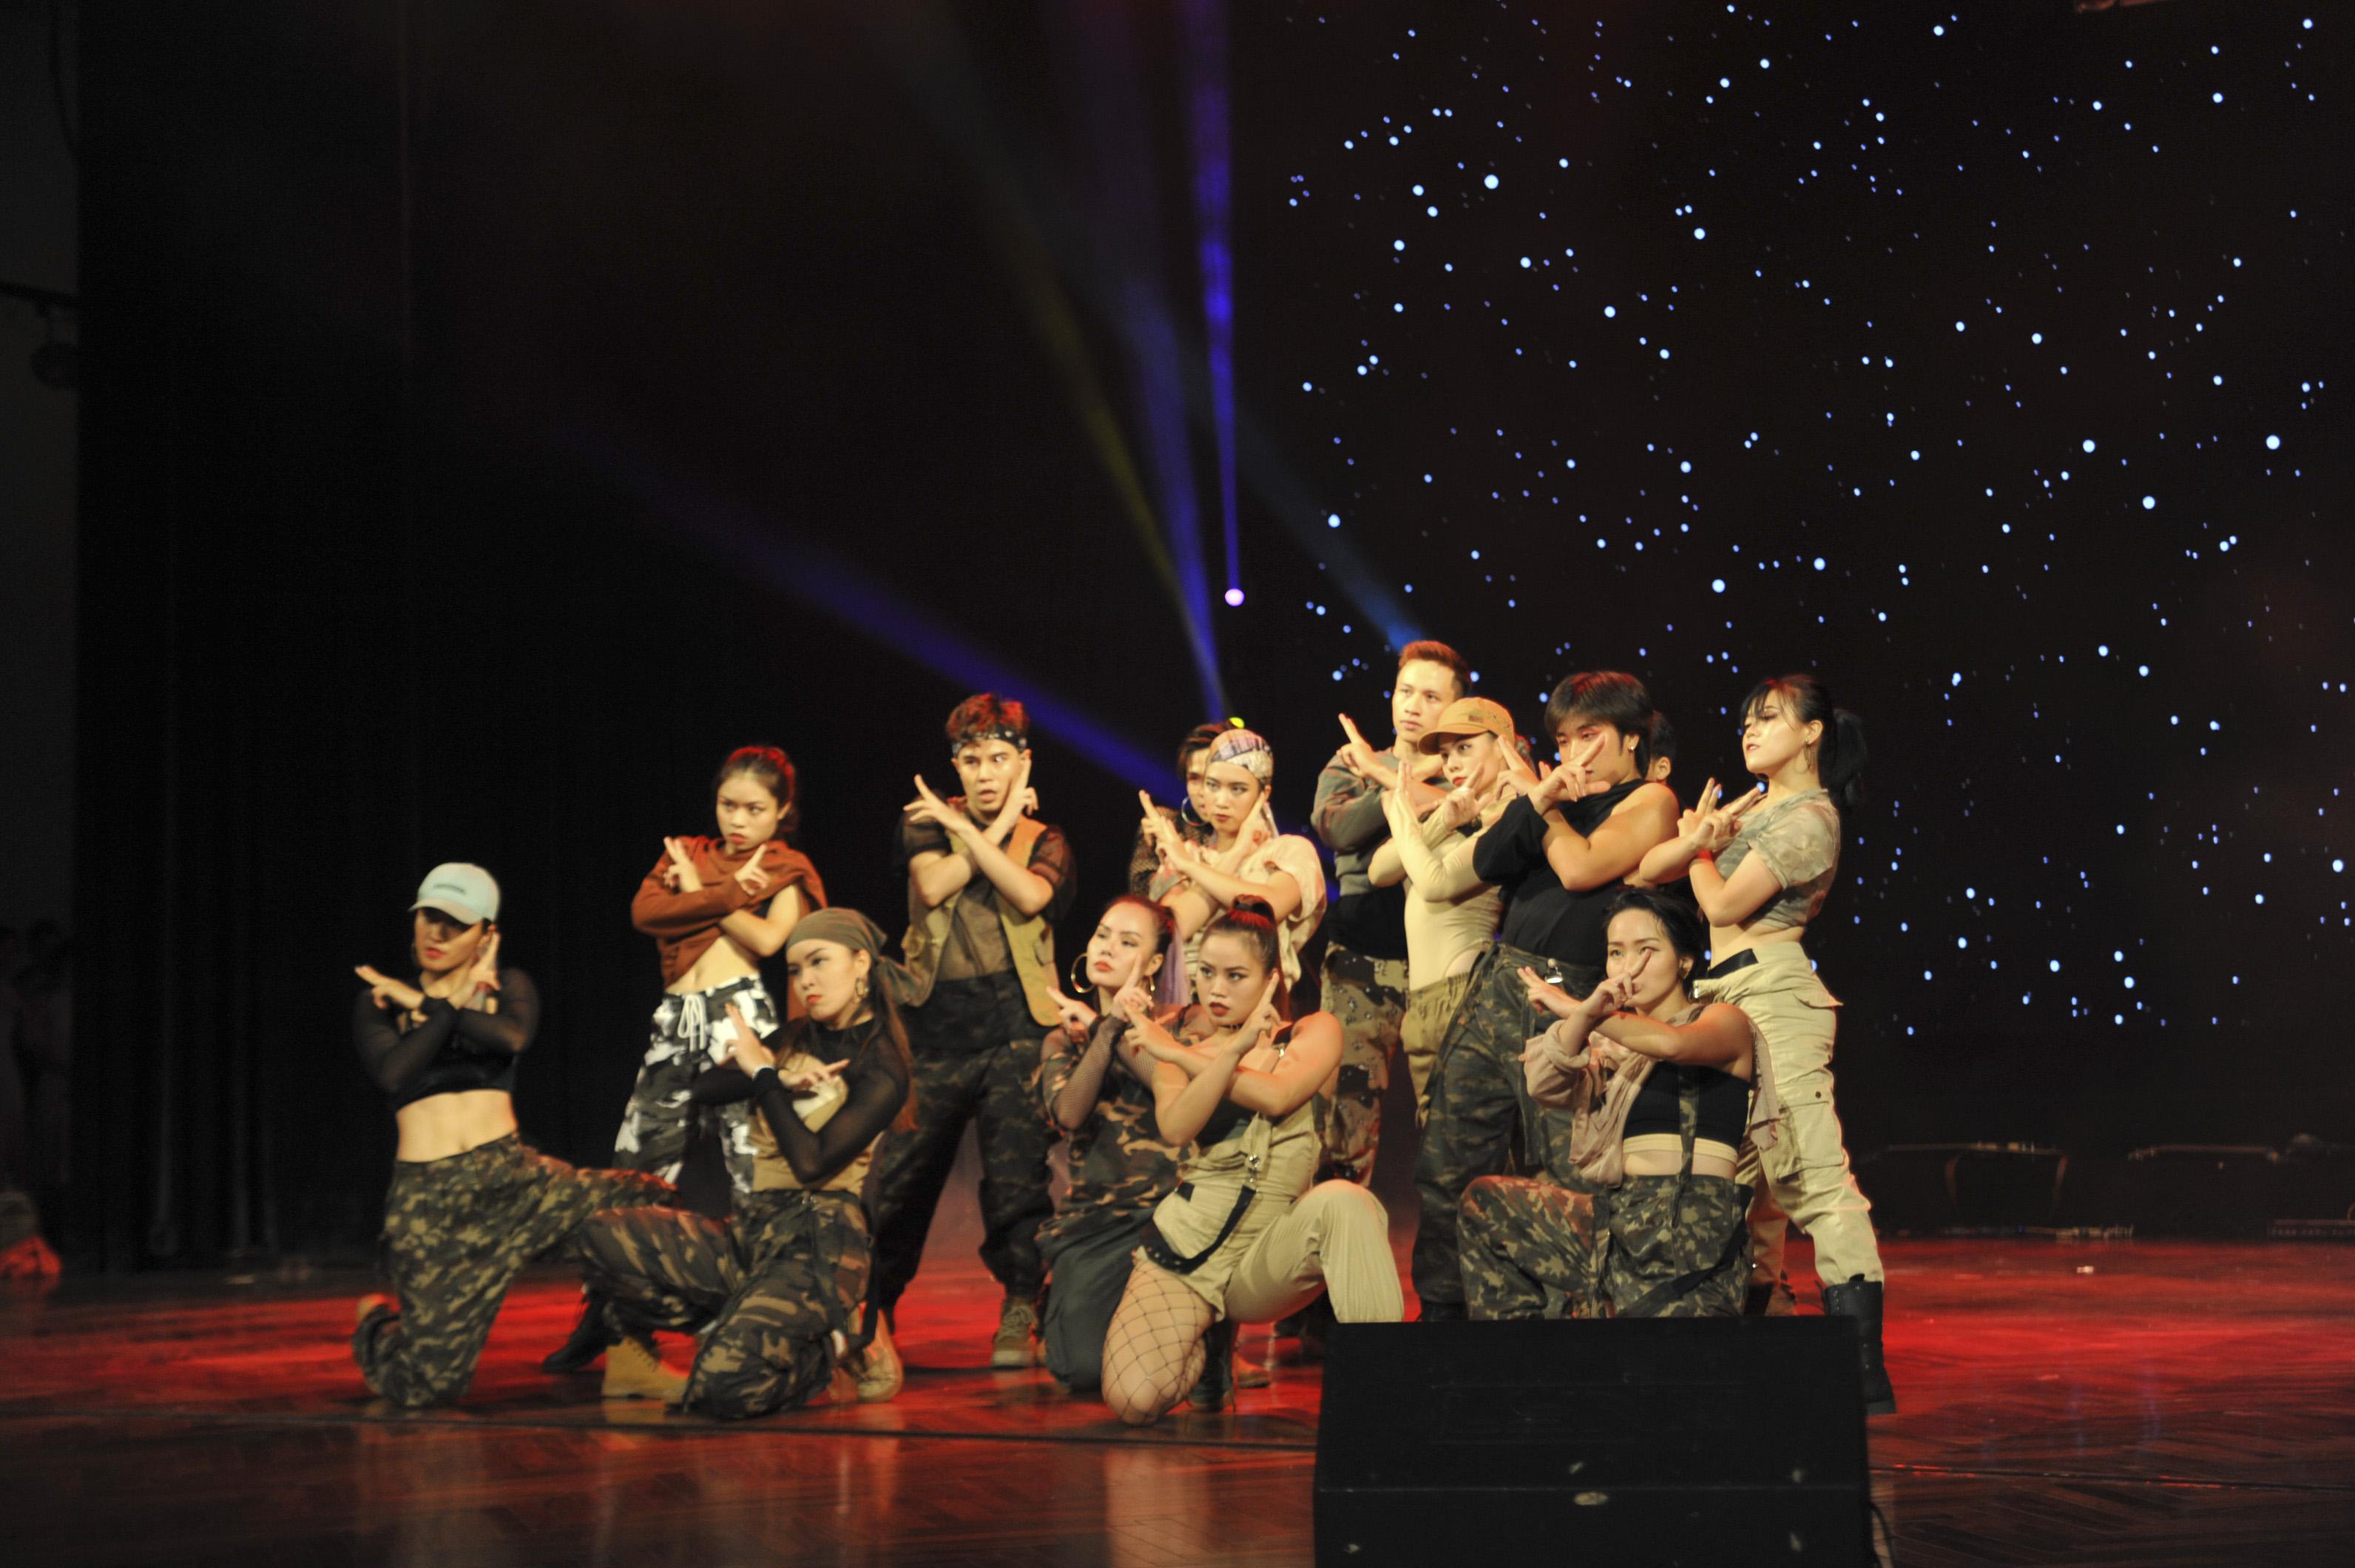 Ngày 2/11, đêm chung kết cuộc thi FPTU Talent Show 6 (FTS6) đã diễn ra tại nhà hát Quân đội, Hà Nội với sự góp mặt của 10 nhóm thí sinh đến từ các đơn vị thuộc Tổ chức Giáo dục FPT như ĐH FPT, FPT Polytechnic... Dưới hàng ghế khách mời là sự xuất hiện của rất nhiều cán bộ, giảng viên thuộc khối giáo dục như chị Nguyễn Hà Thành - Trưởng phòng Hợp tác Quốc tế và Phát triển cá nhân, anh Nguyễn Hùng Quân - Trưởng Ban tuyển sinh ĐH FPT...